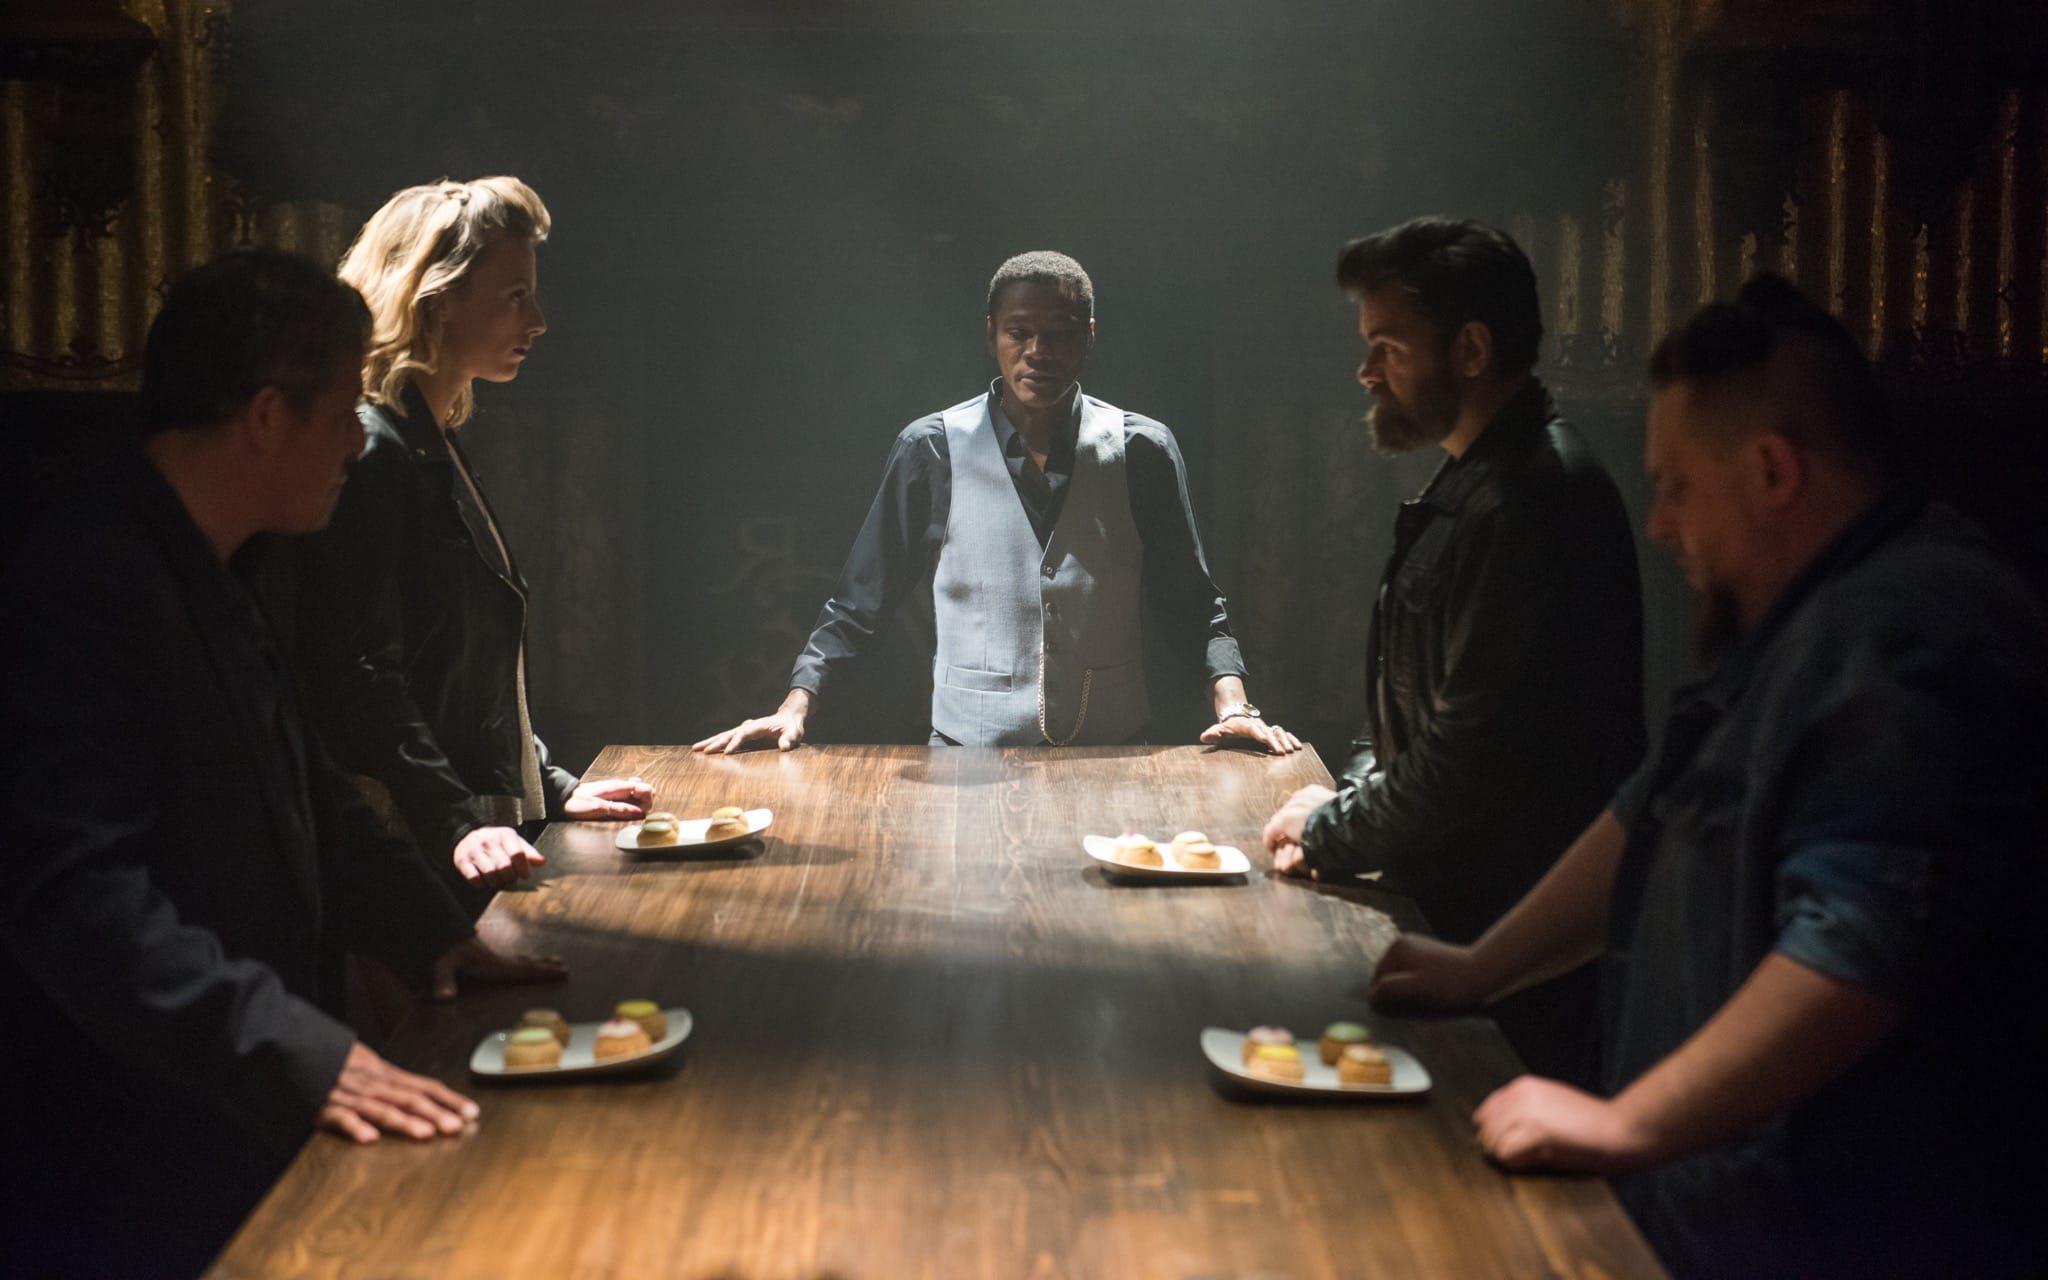 chefs-saison-2-episode-1-image03